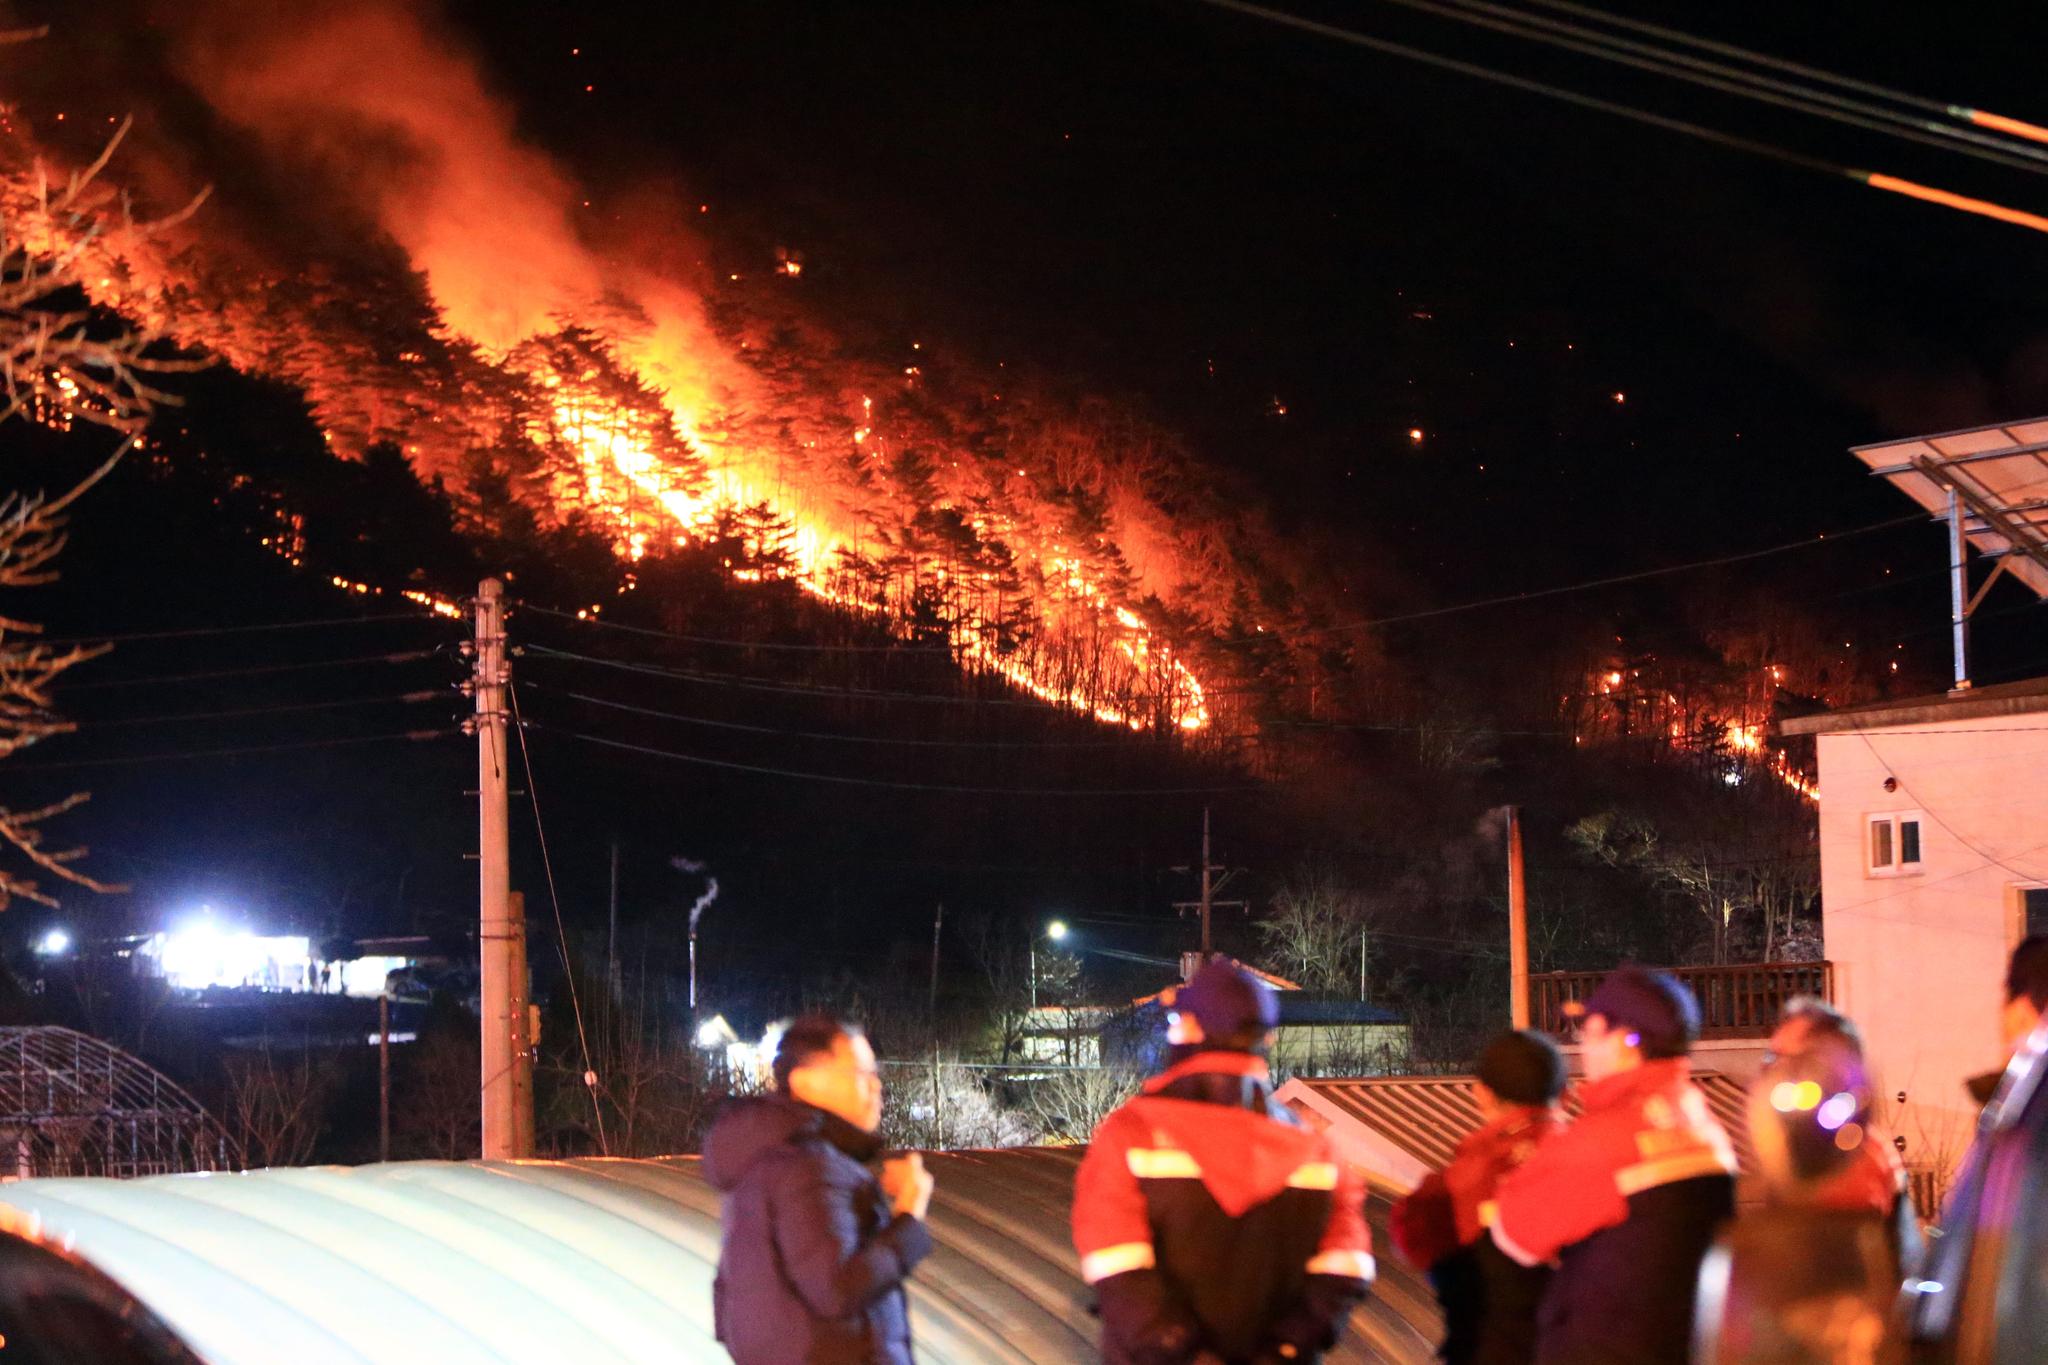 지난 1일 오후 4시 12분께 강원 양양군 서면 송천리 한 야산에서 난 불이 마을 주변으로 번지자 진화에 나선 산림청 직원들이 걱정스러운 모습으로 지켜보고 있다. [연합뉴스]